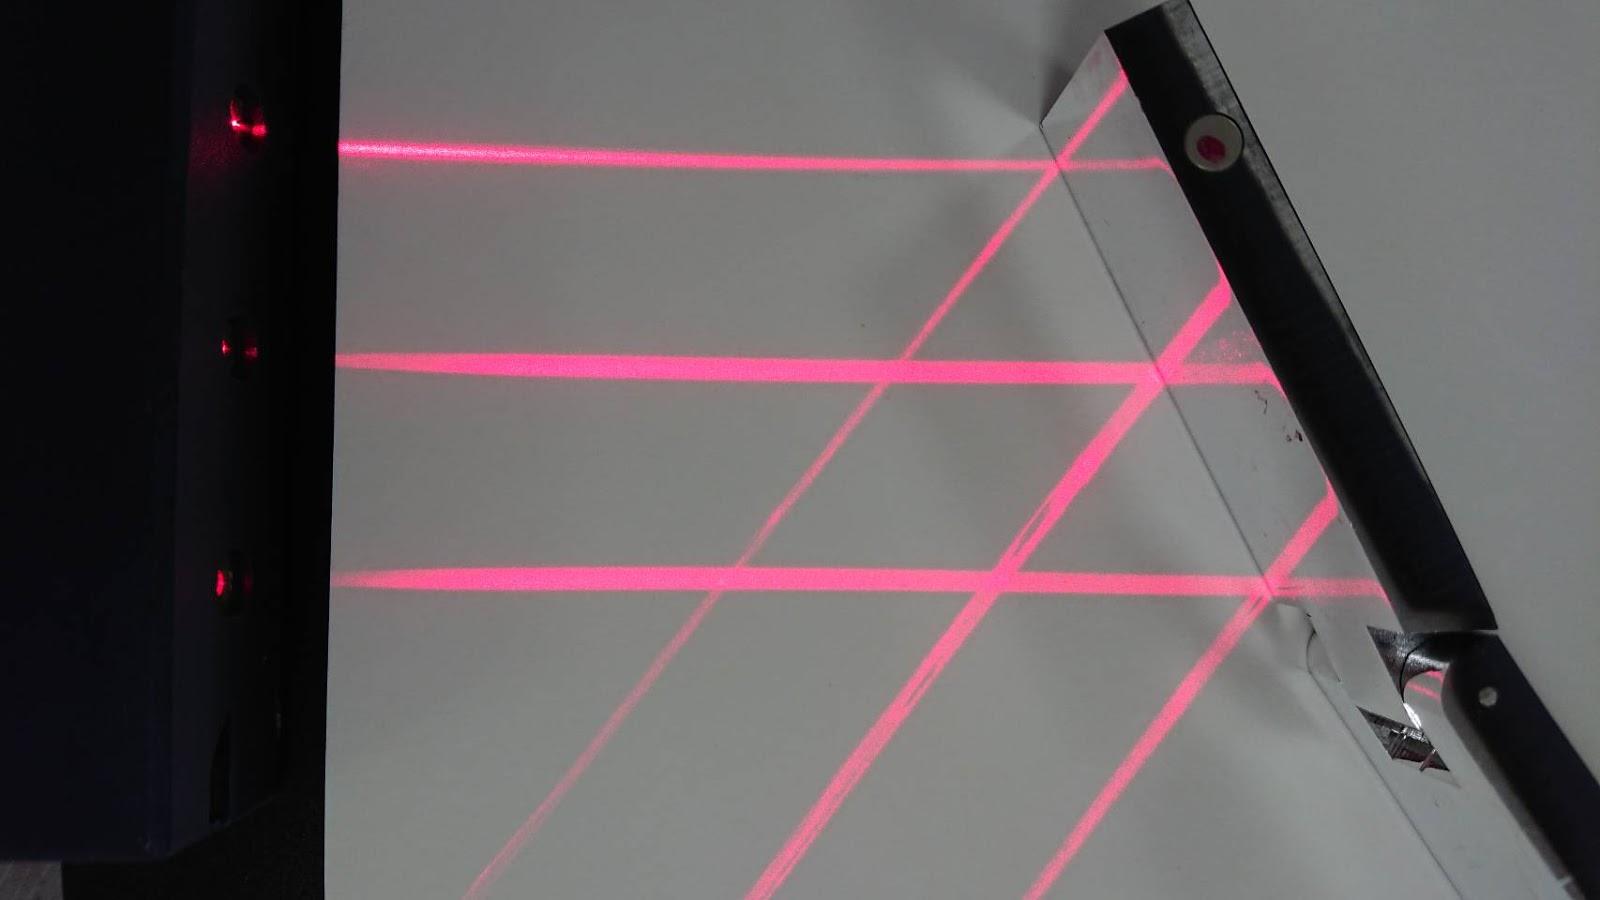 北市重慶創客基地: 主題一:光的反射與折射(實驗一:反射與折射定律出任務)